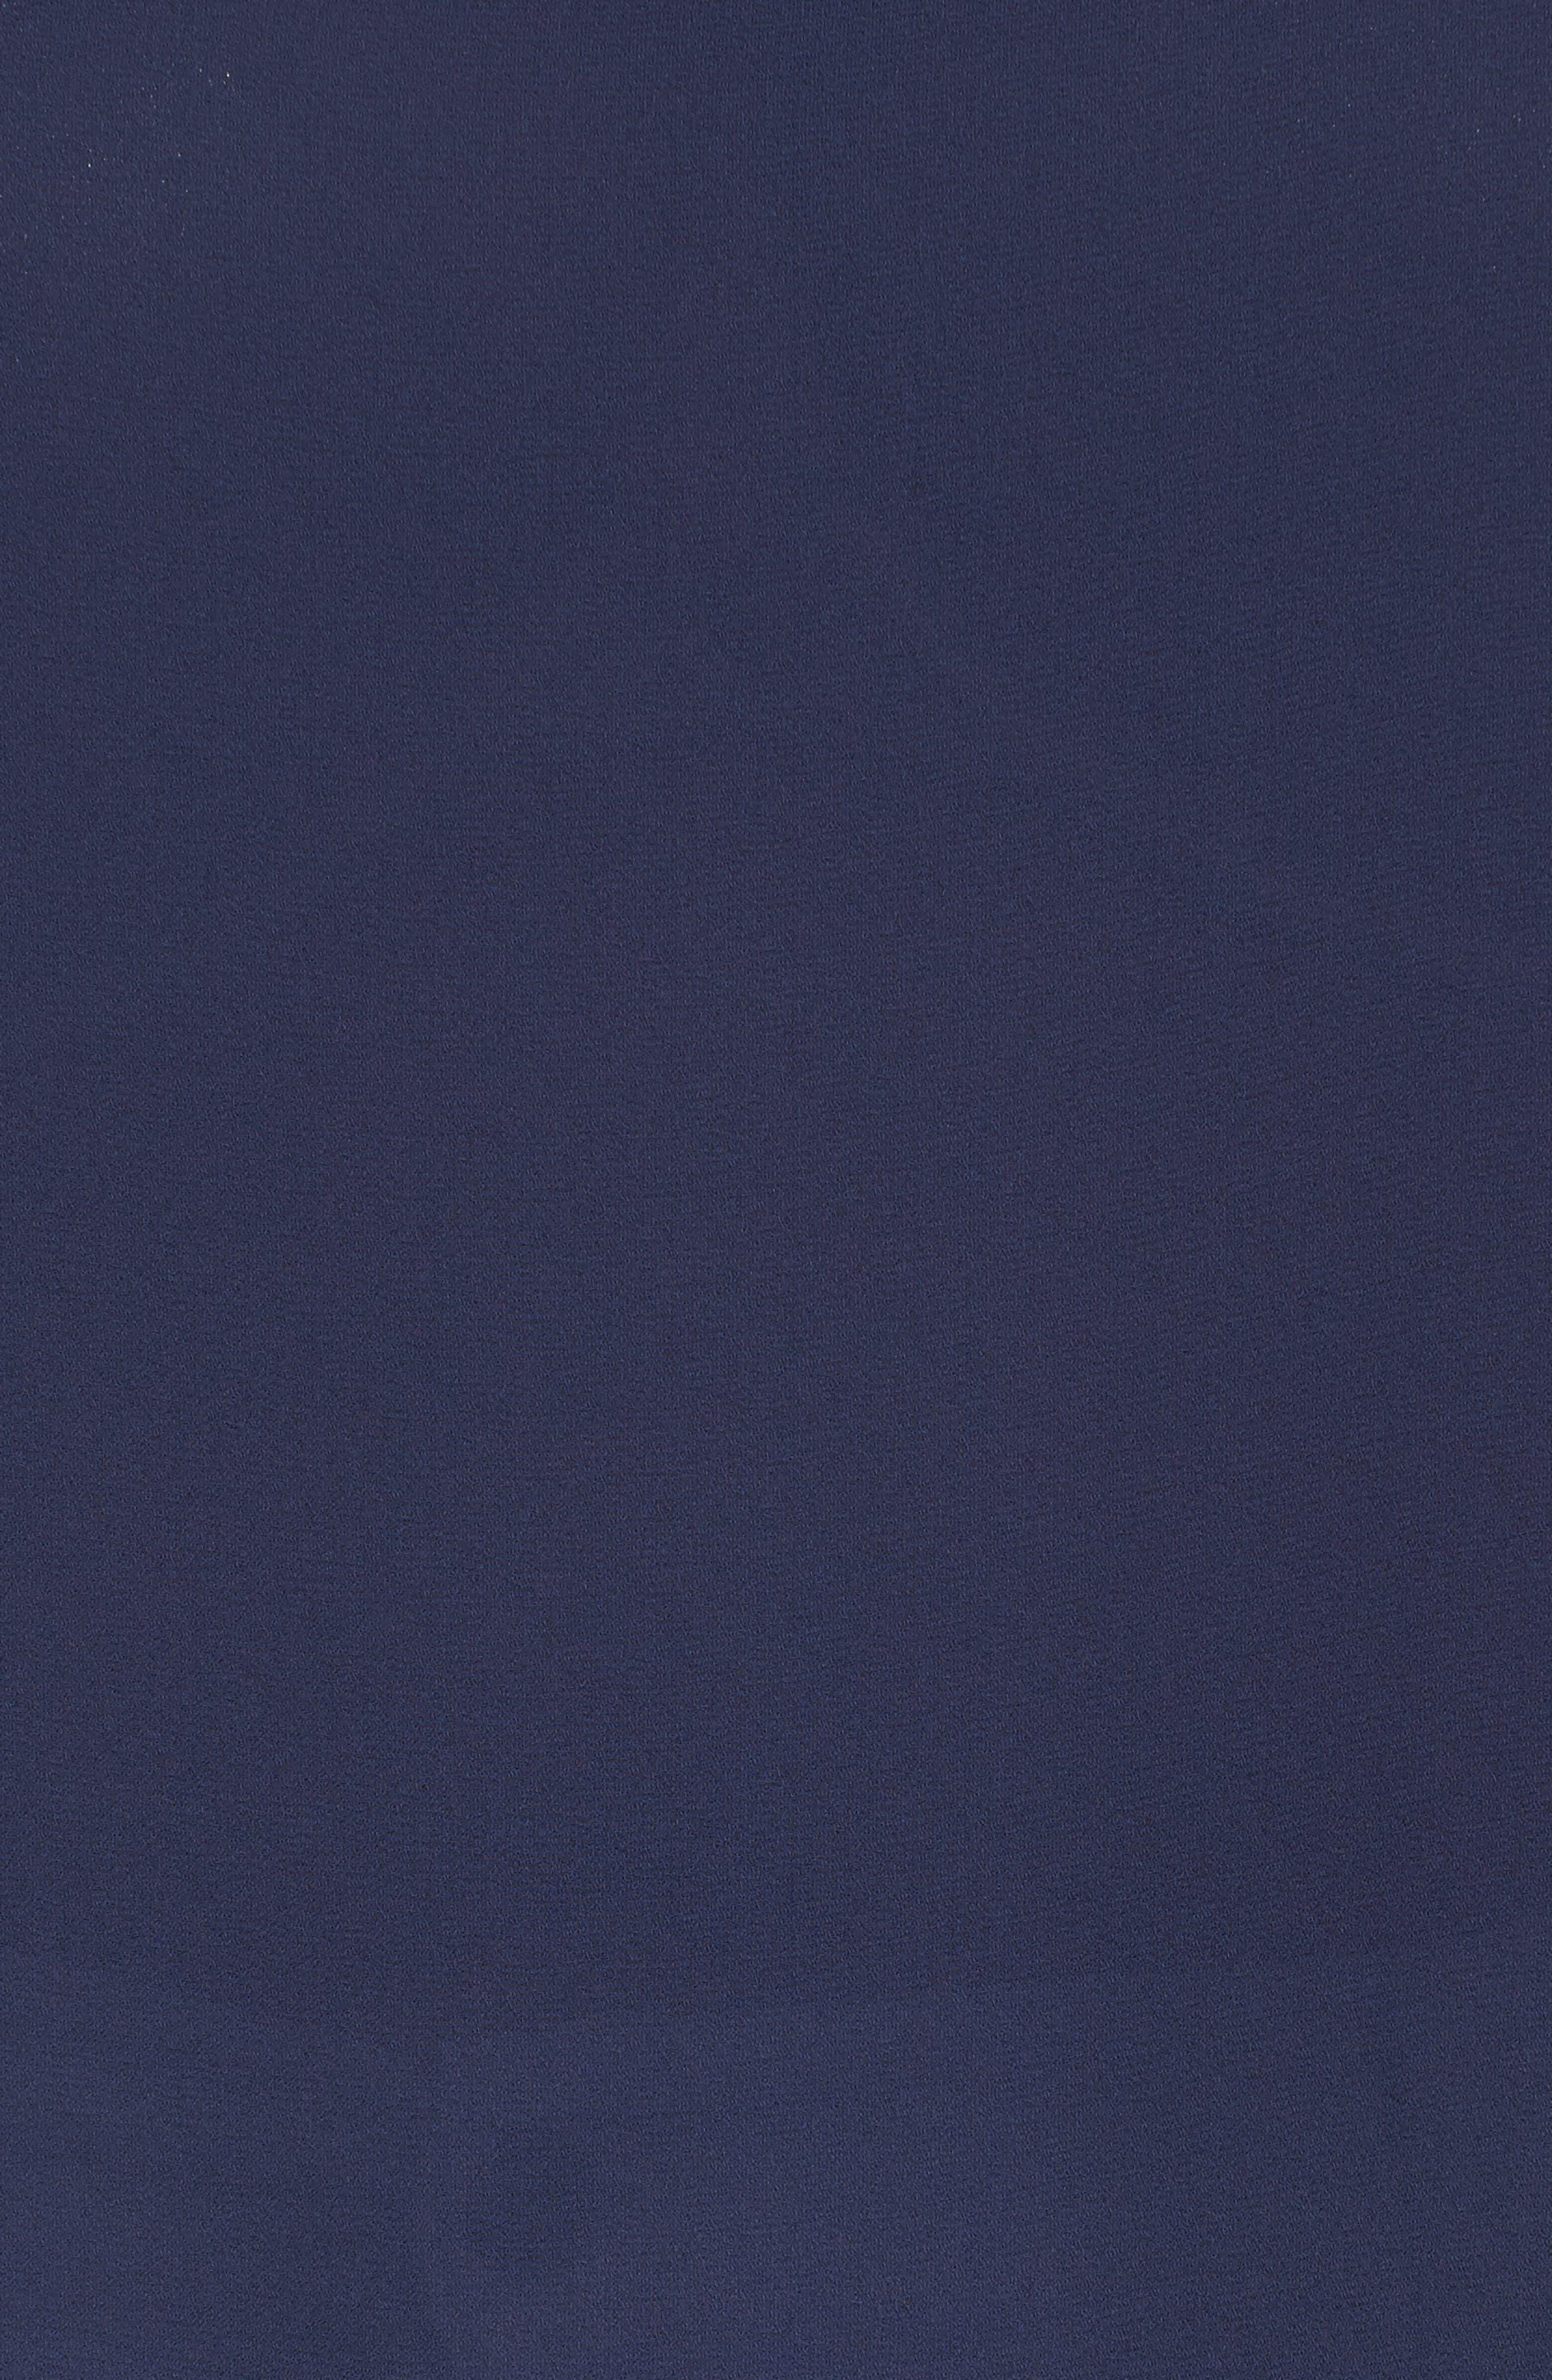 Cap Sleeve Ruffle Top,                             Alternate thumbnail 5, color,                             Navy Peacoat